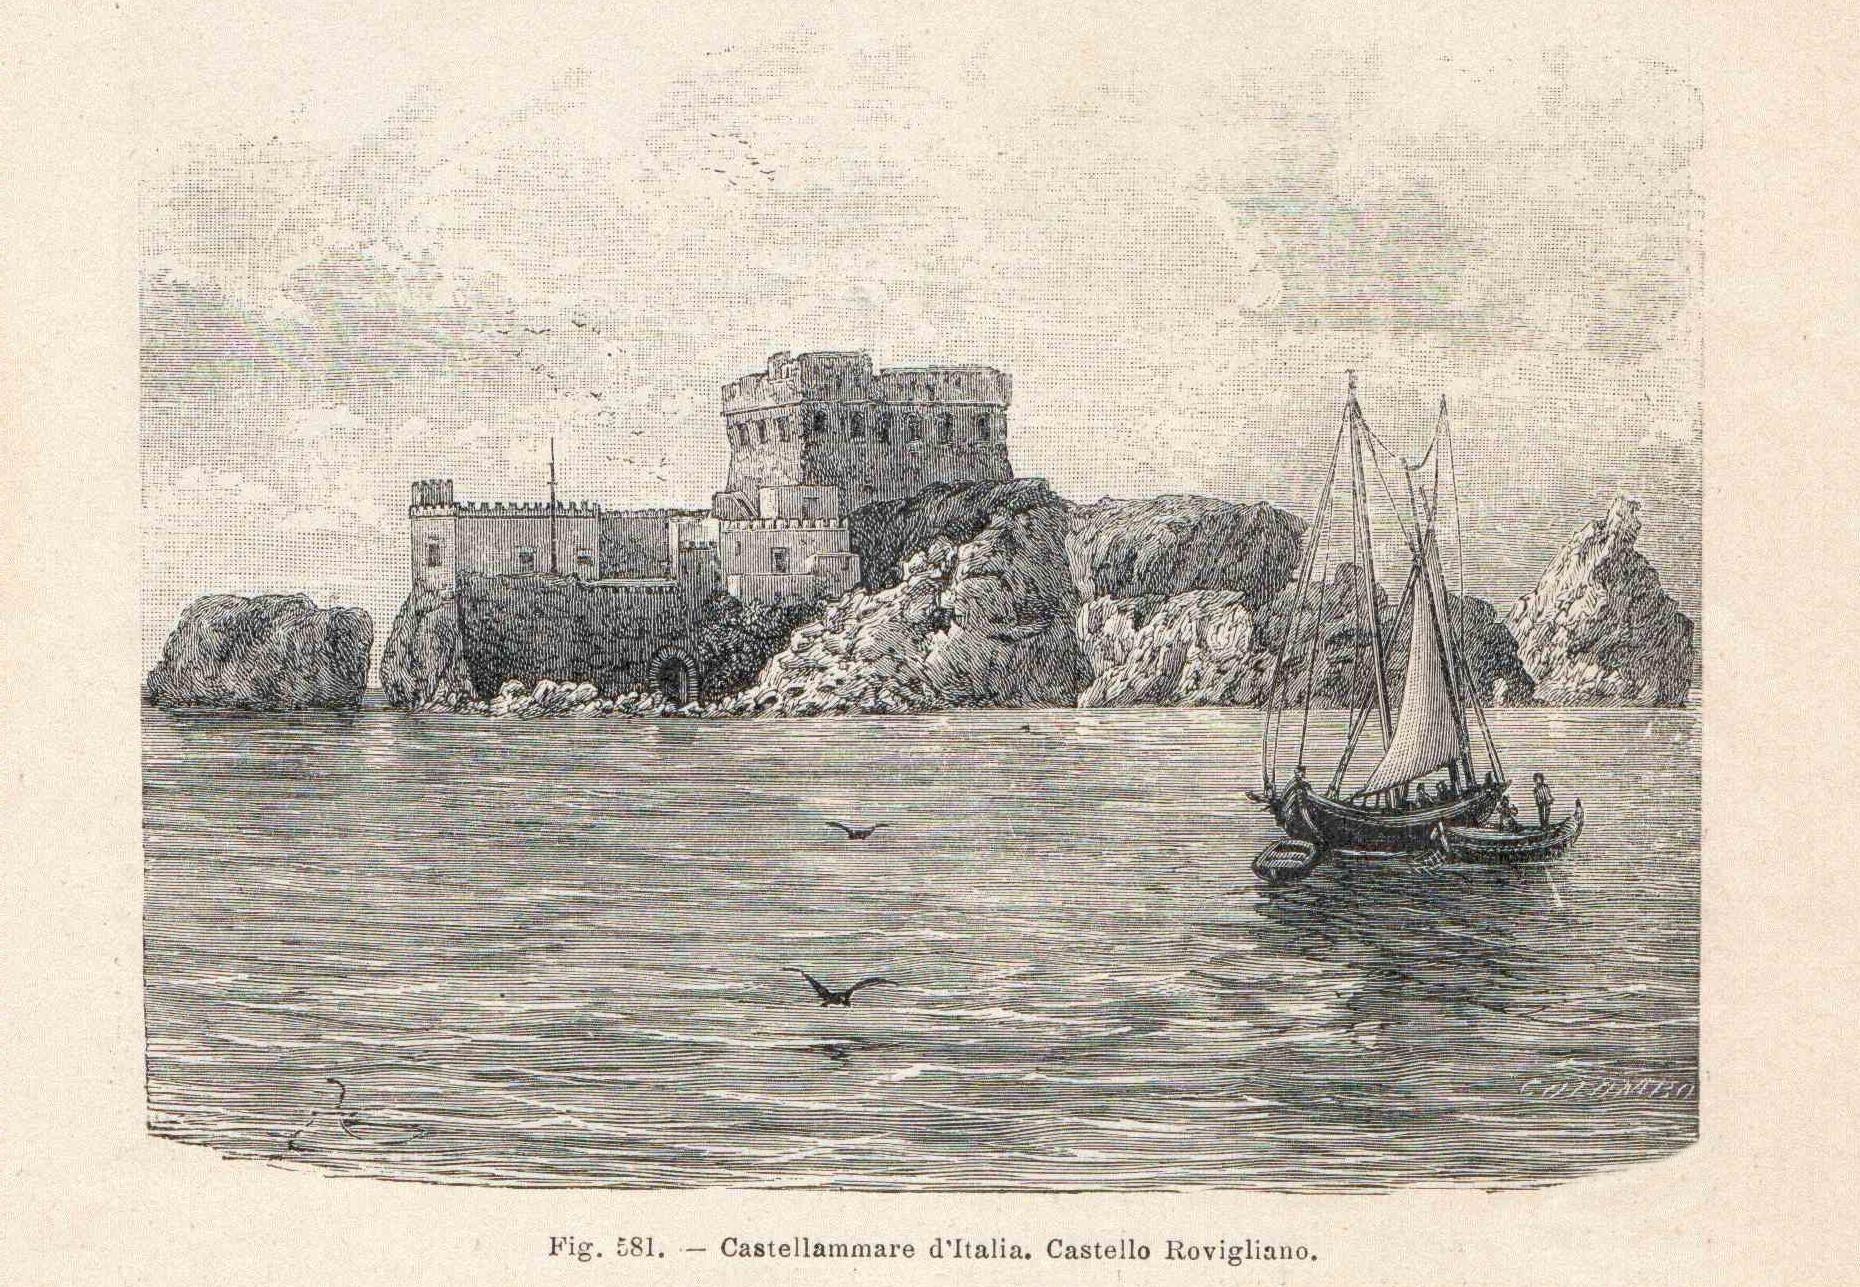 Castello Rovigliano - anno 1901 (coll. Gaetano Fontana)